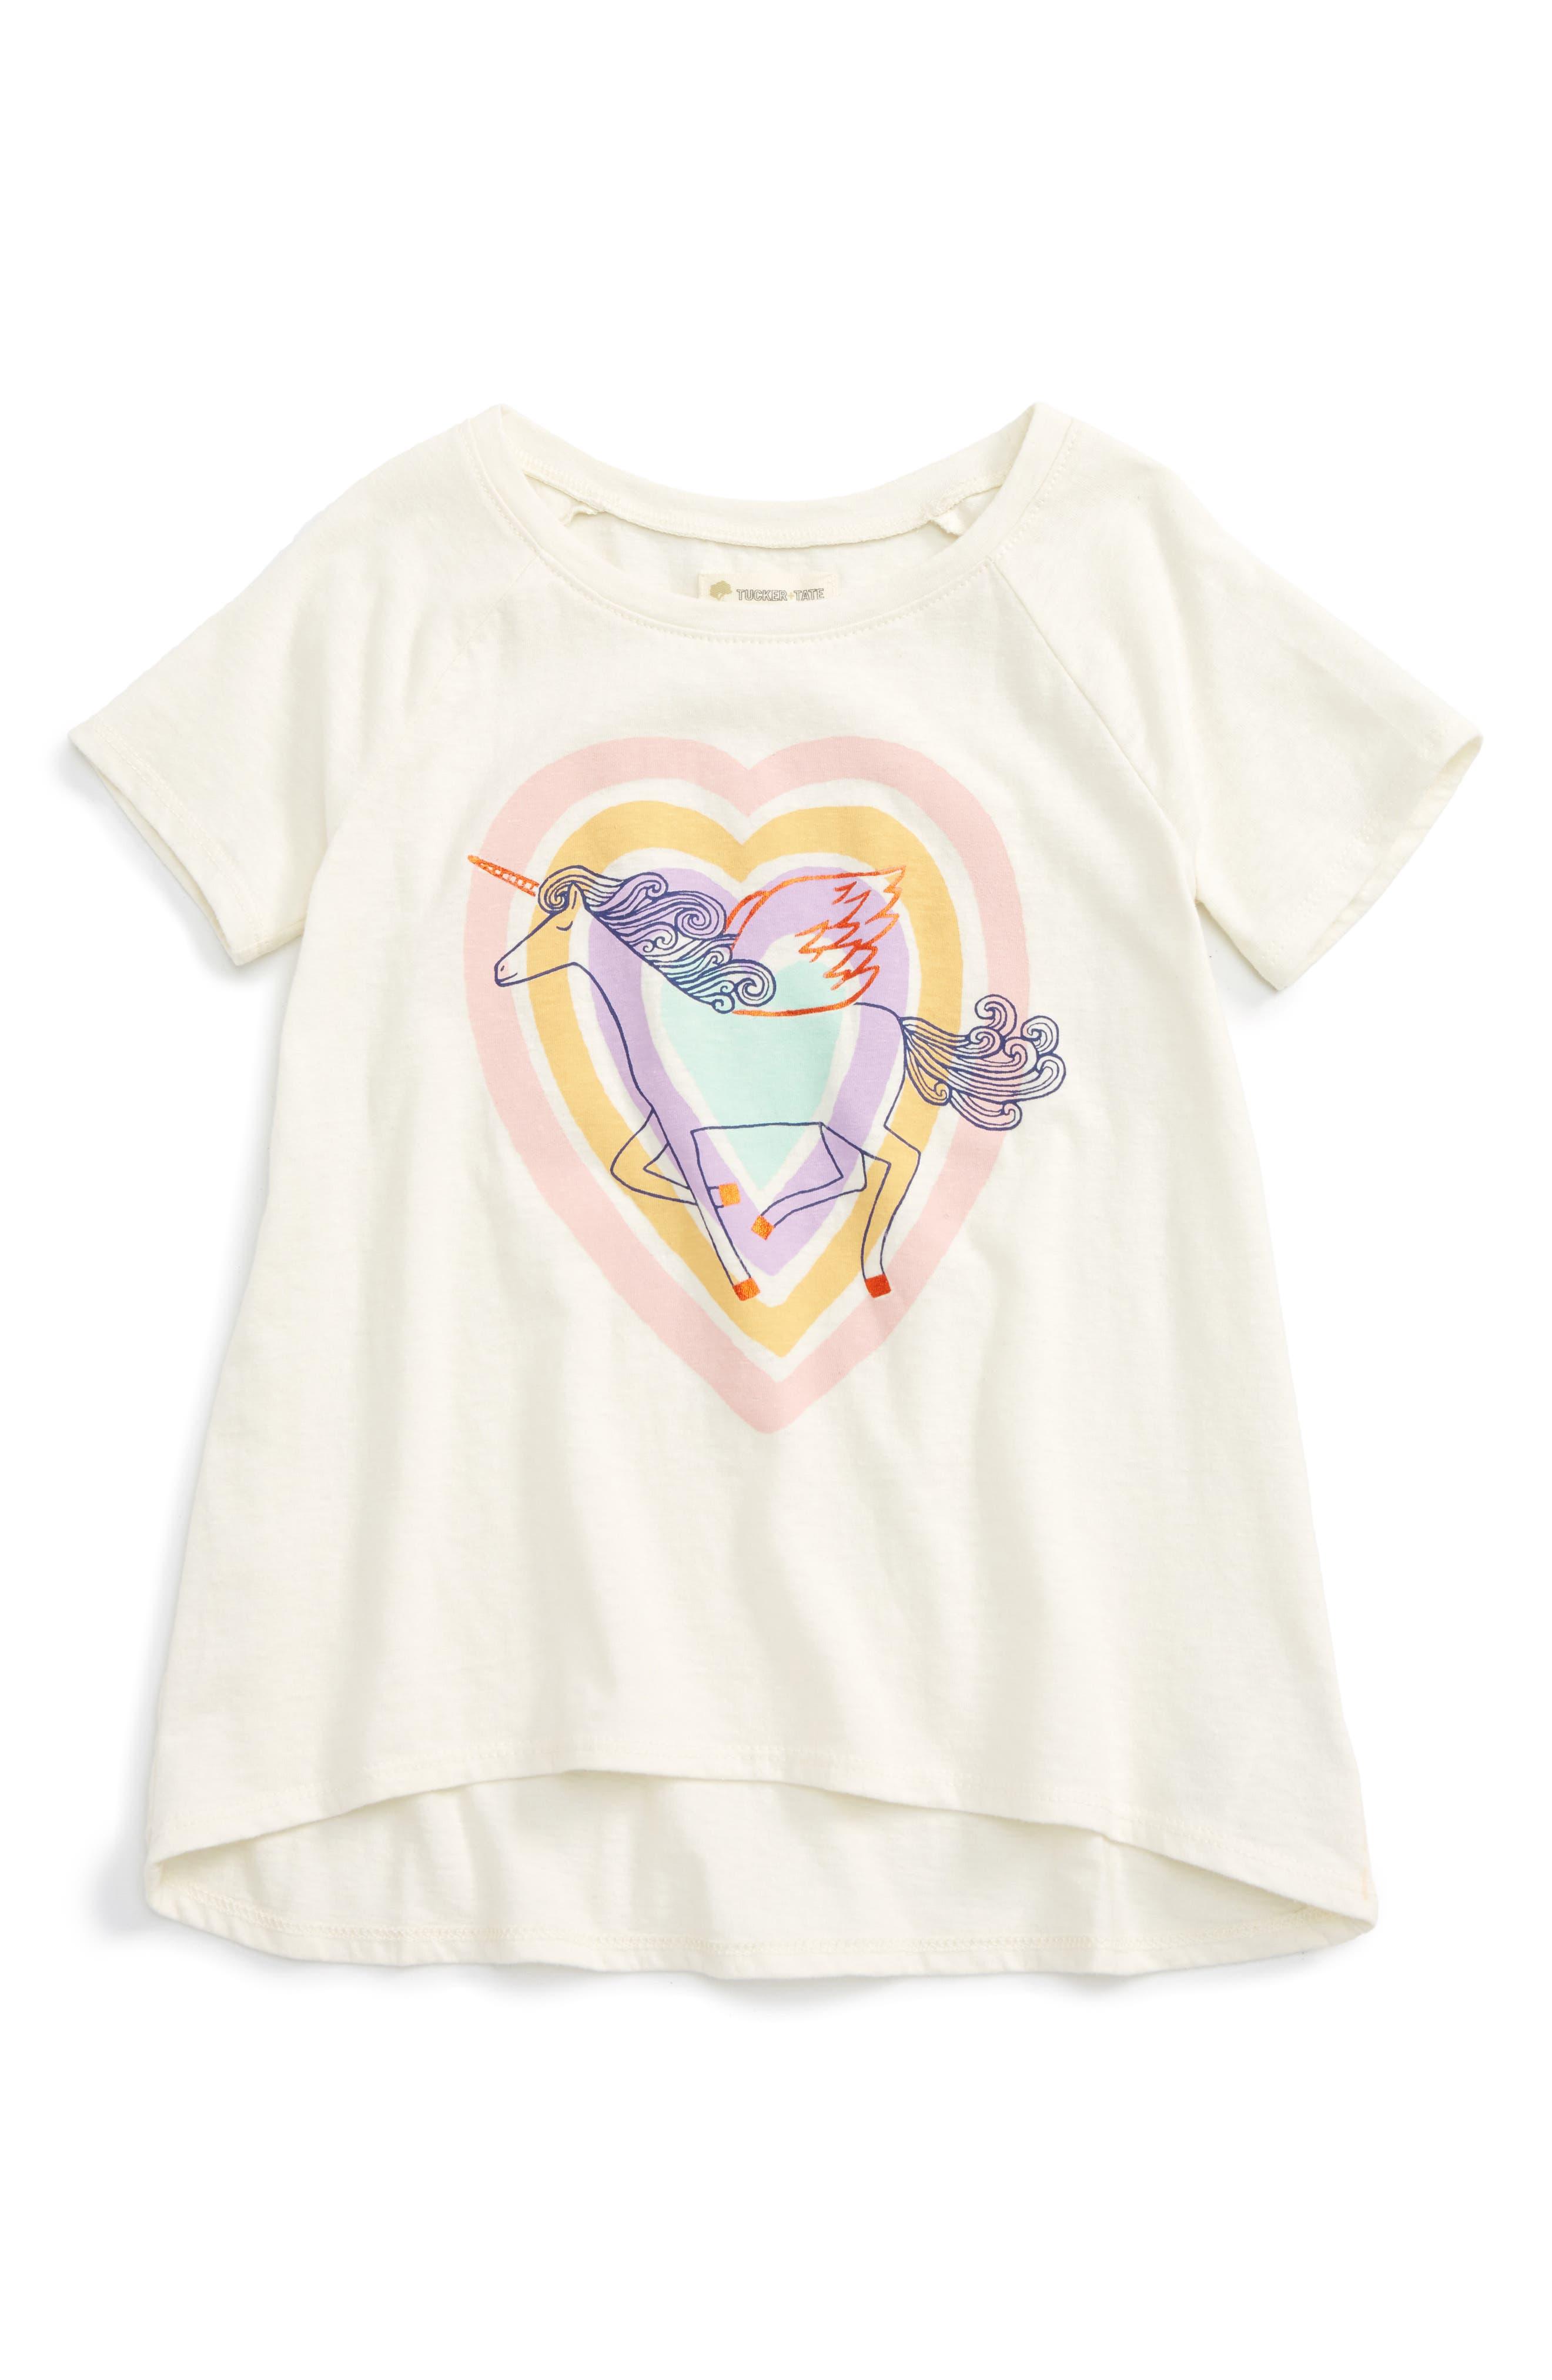 Tucker + Tate Rainbow Glitter Cloud Tee (Toddler Girls, Little Girls & Big Girls)